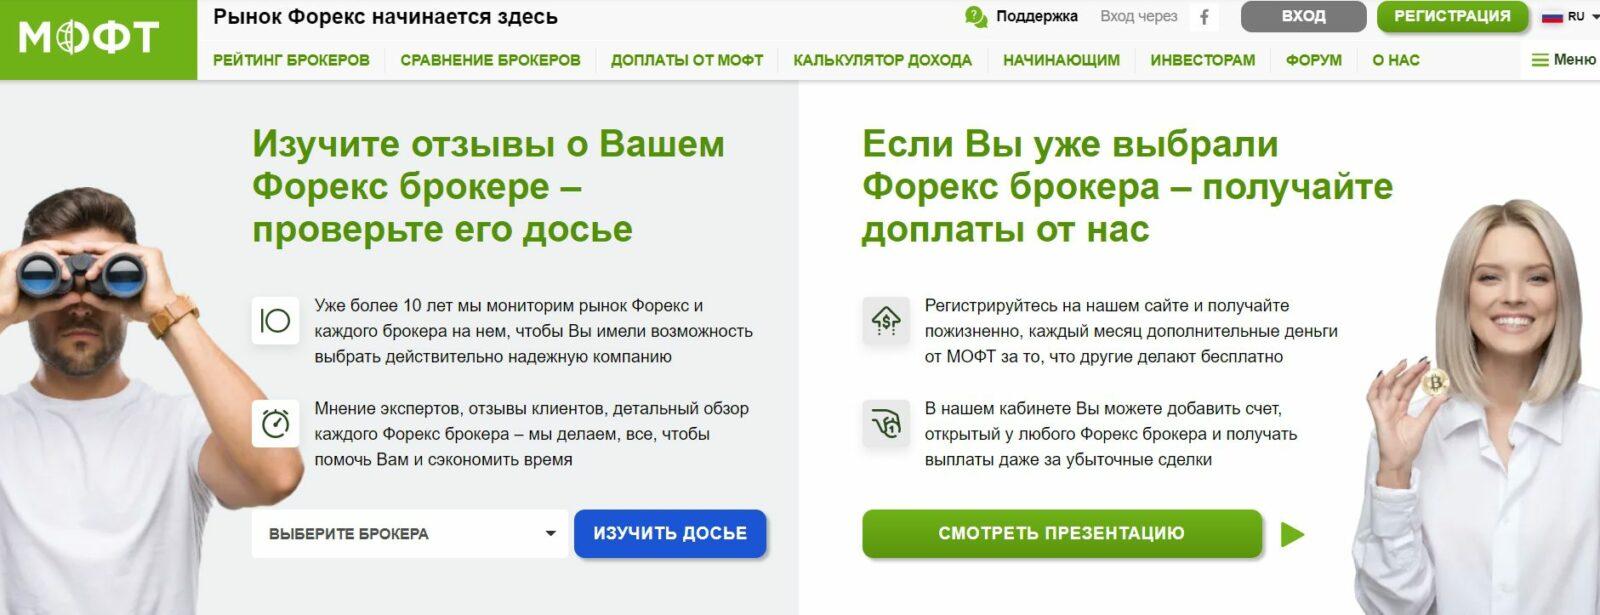 Сайт Traders Union